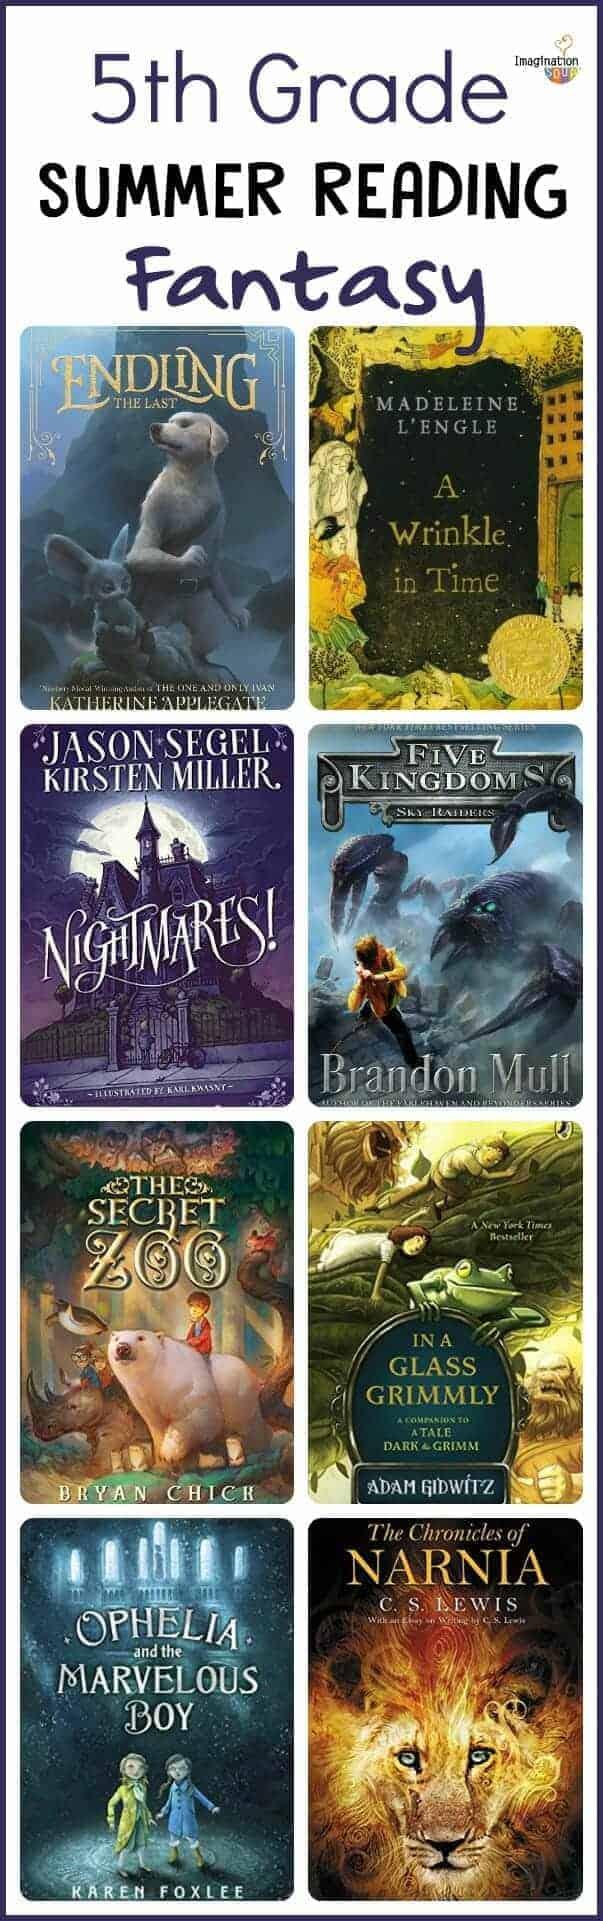 5th grade summer reading list - fantasy